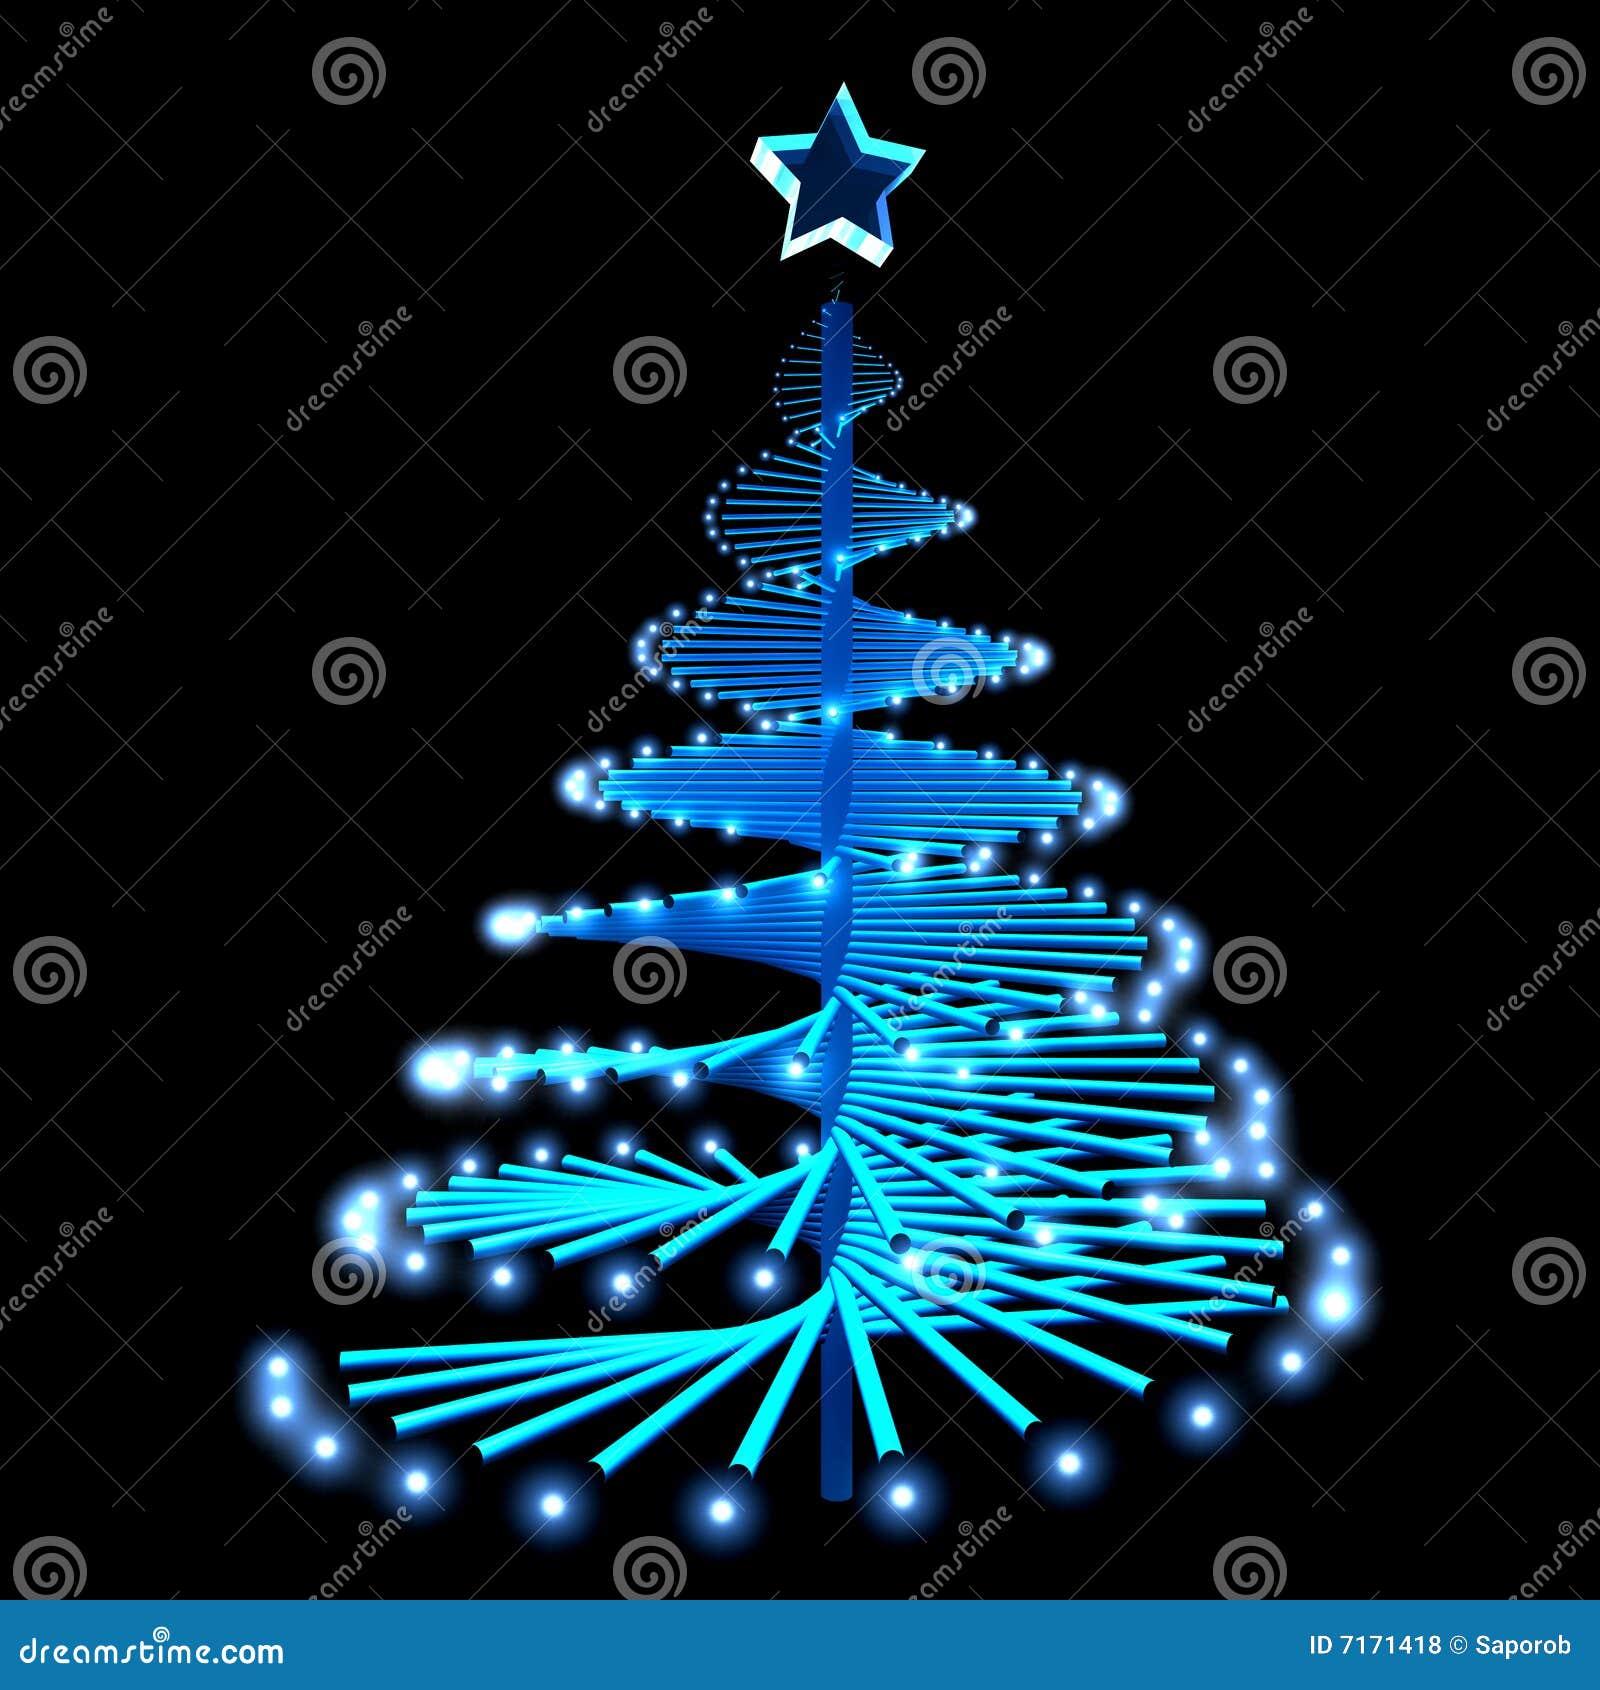 rbol De Navidad Abstracto Con Las Luces Azules Stock de ilustracin